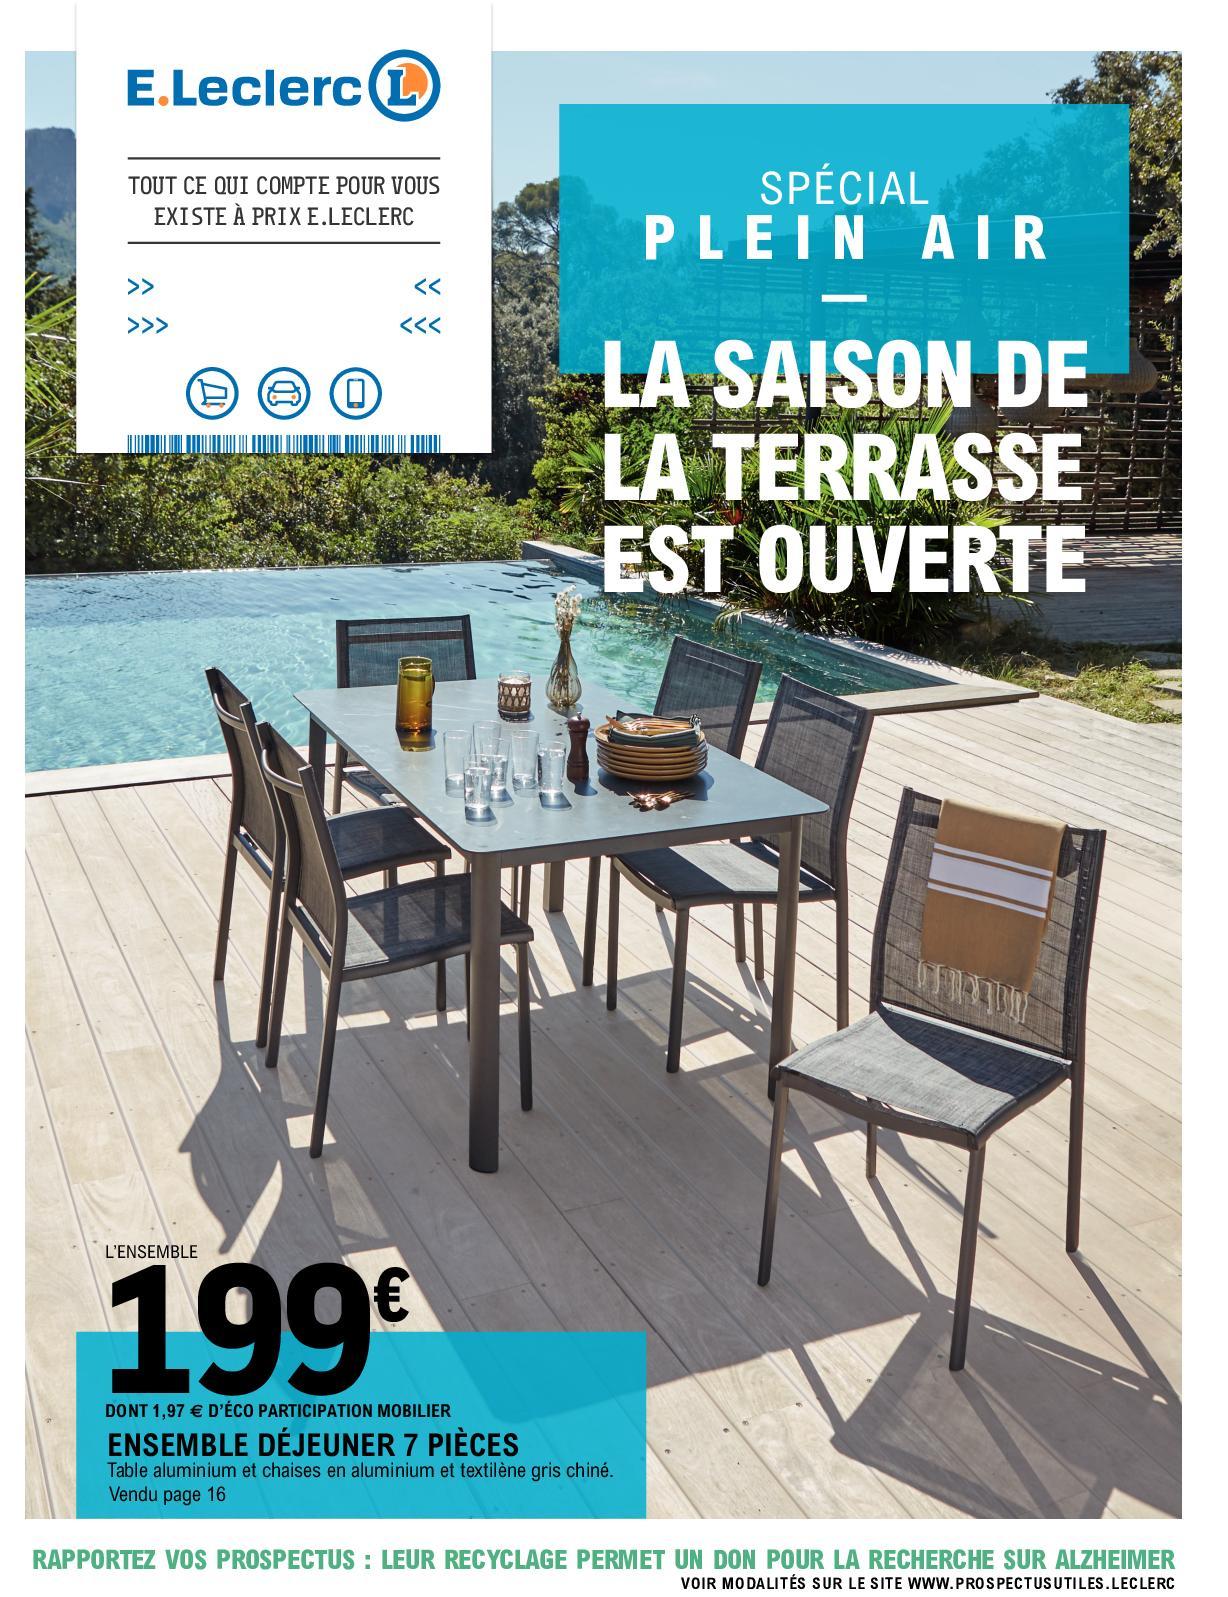 Calaméo - Plein Air 2020 _ Ic Et Saint Brevin (44) pour Mobilier De Jardin Leclerc